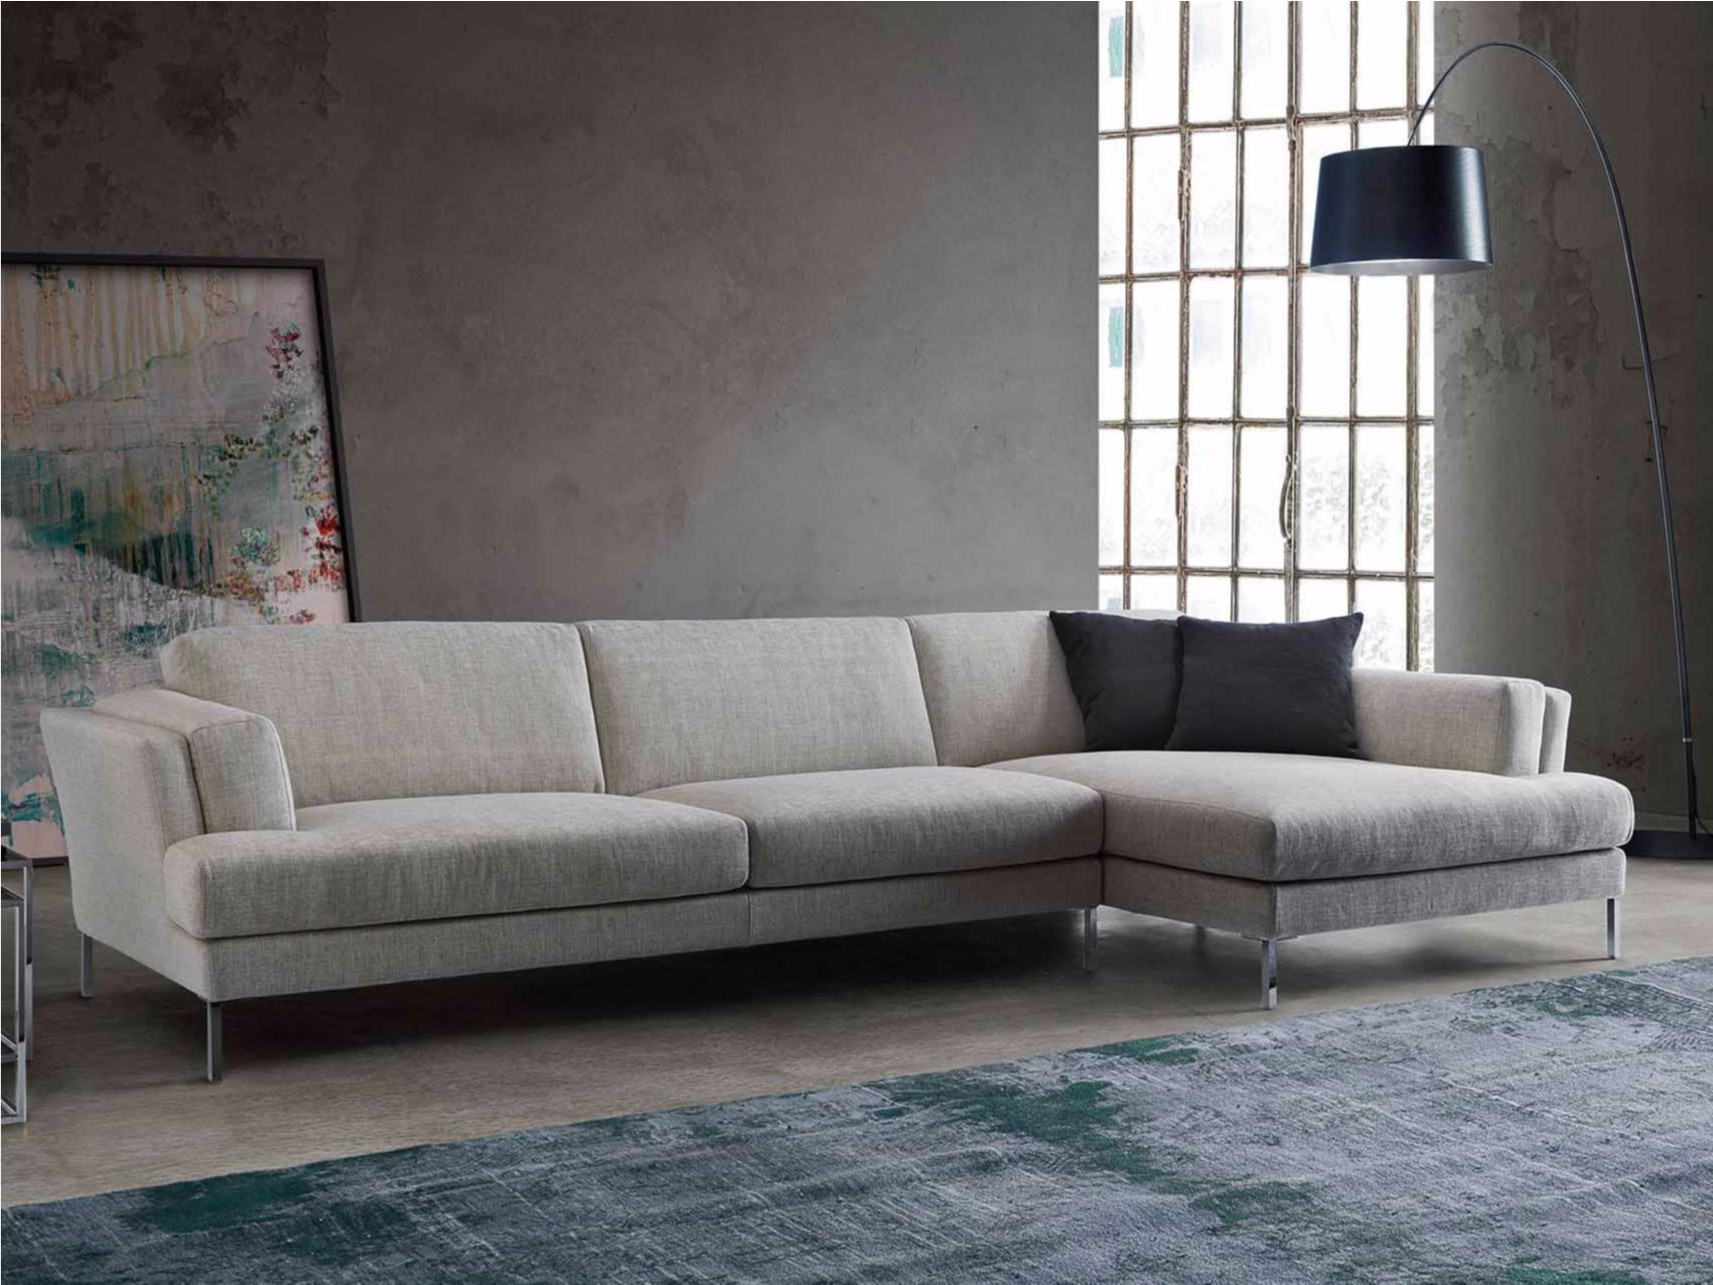 canape angle cuir noir fly canap id es de d coration de maison jgnxowvbg1. Black Bedroom Furniture Sets. Home Design Ideas